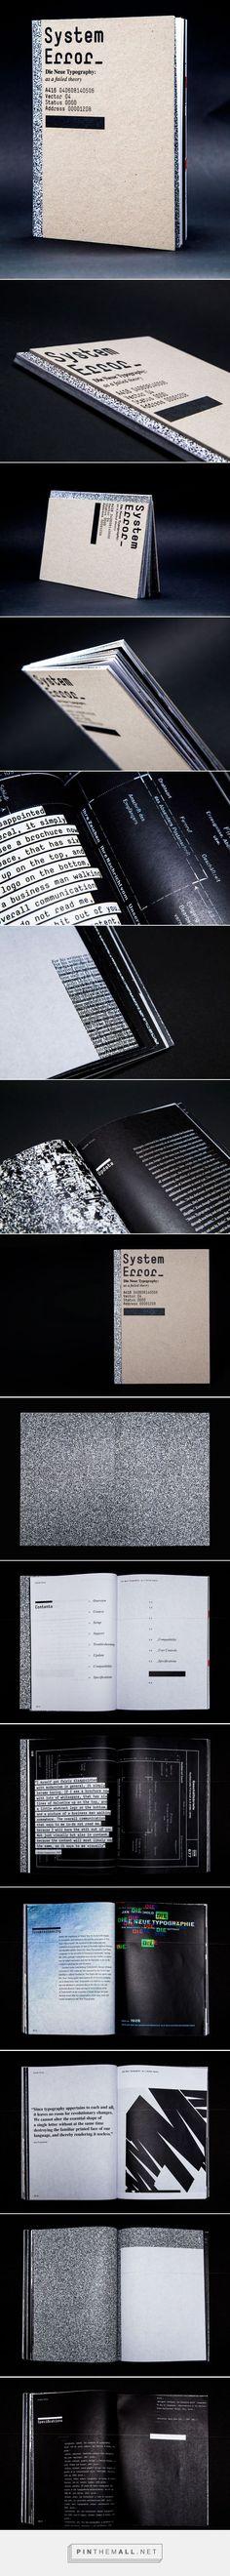 System Error—Editorial Design by Eric Lynch: